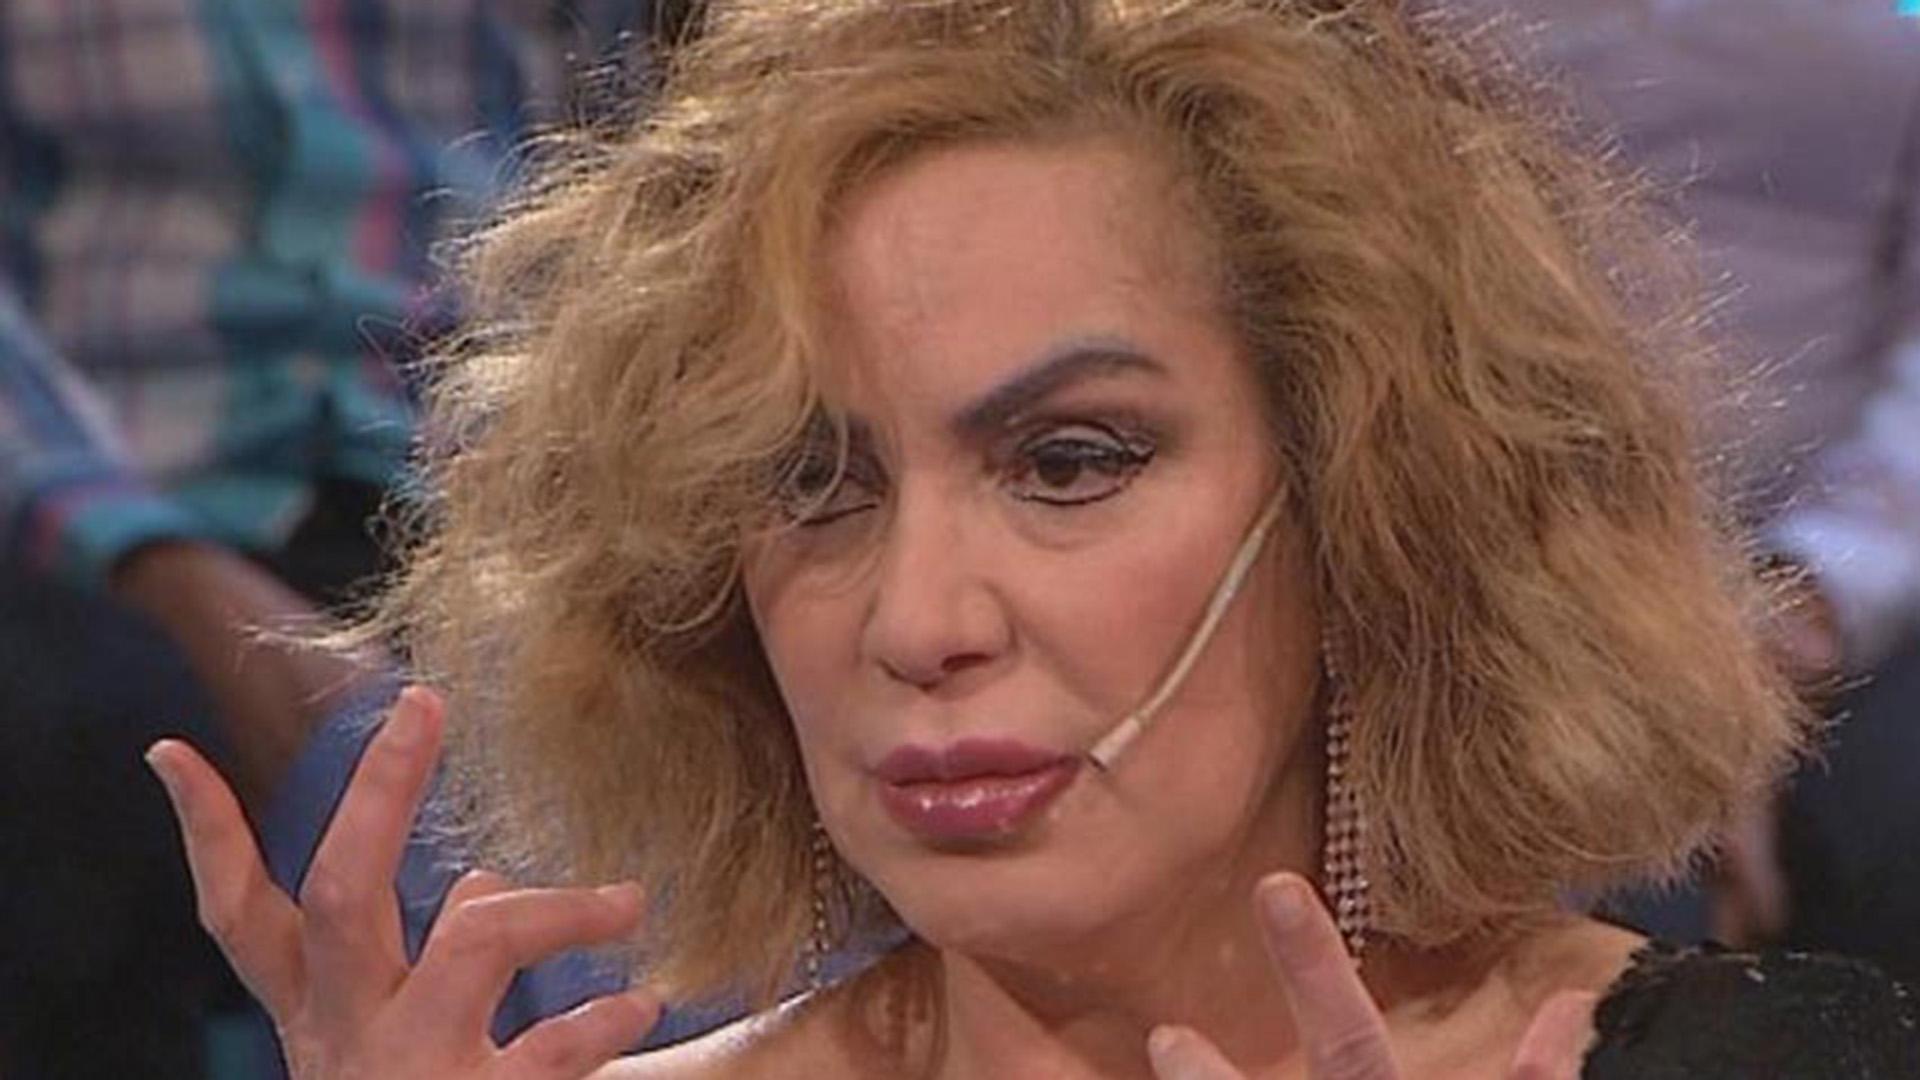 Beatriz Salomón se sometió a una operación de cadera en el hospital Fernádez. La actriz había sufrido un accidente mientras estaba internada por motivos que todavía se desconocen